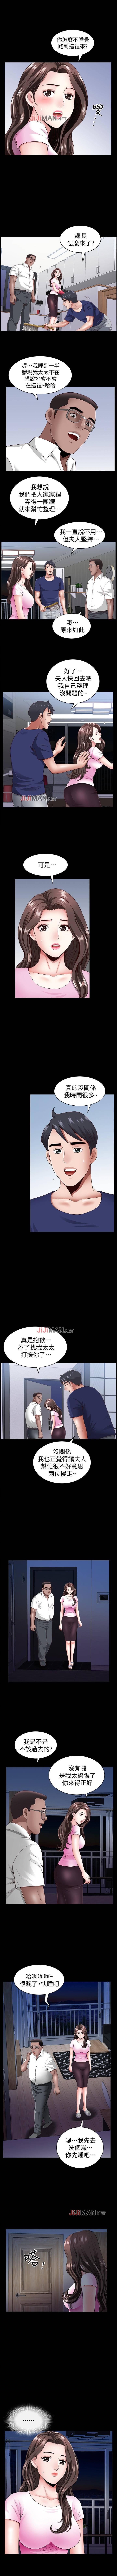 【周日连载】双妻生活(作者:skyso) 第1~23话 48